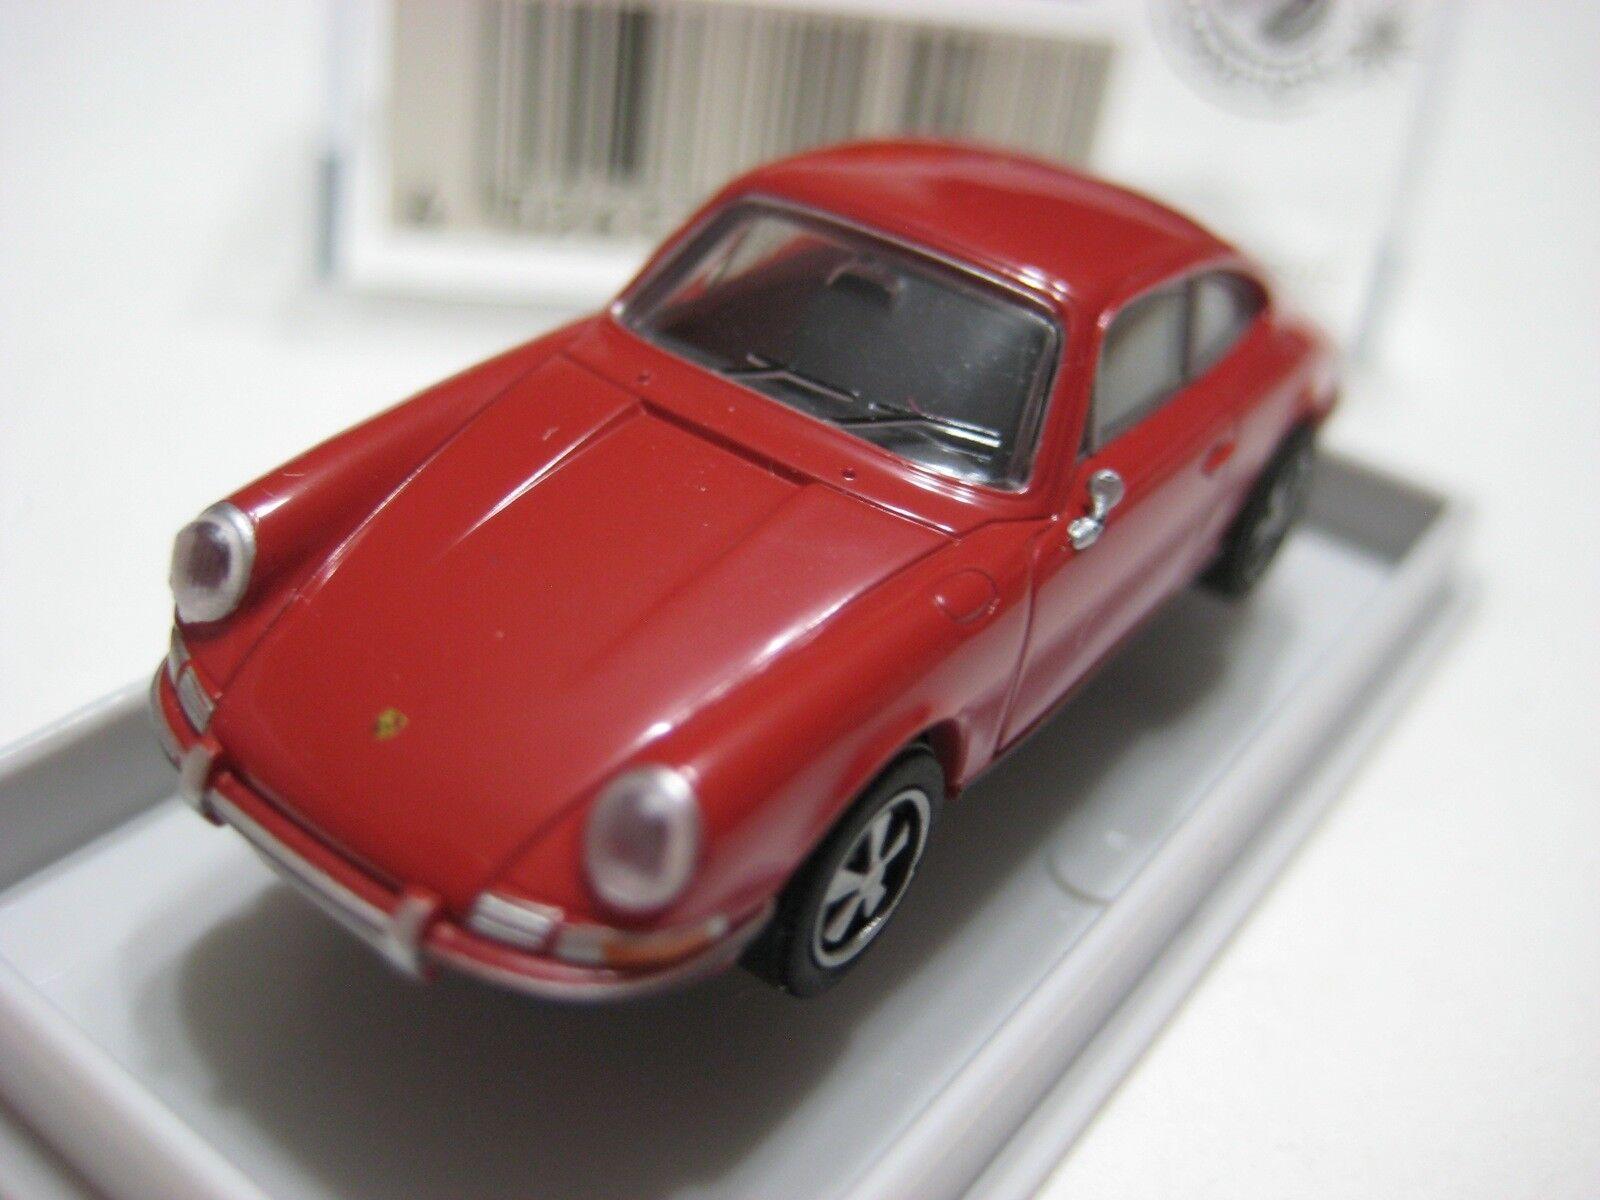 tienda en linea Brekina Brekina Brekina Decoración De Parte súperior (Alemania) Rojo Porsche 911S Coupe 1 87 Nuevo en caja de plástico  80% de descuento